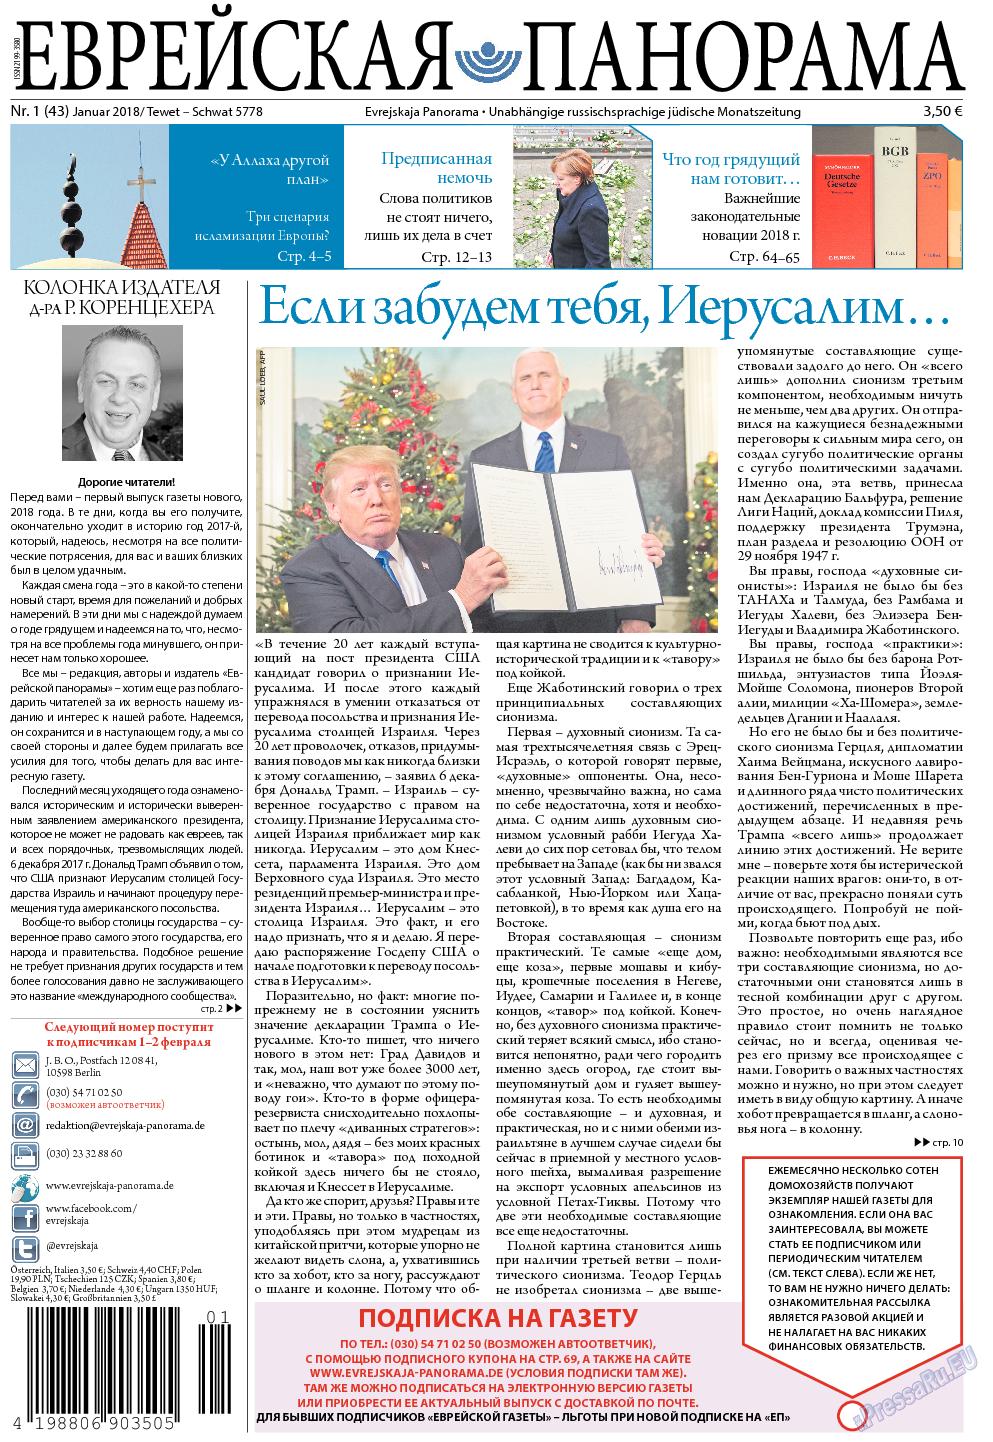 Еврейская панорама (газета). 2018 год, номер 1, стр. 1